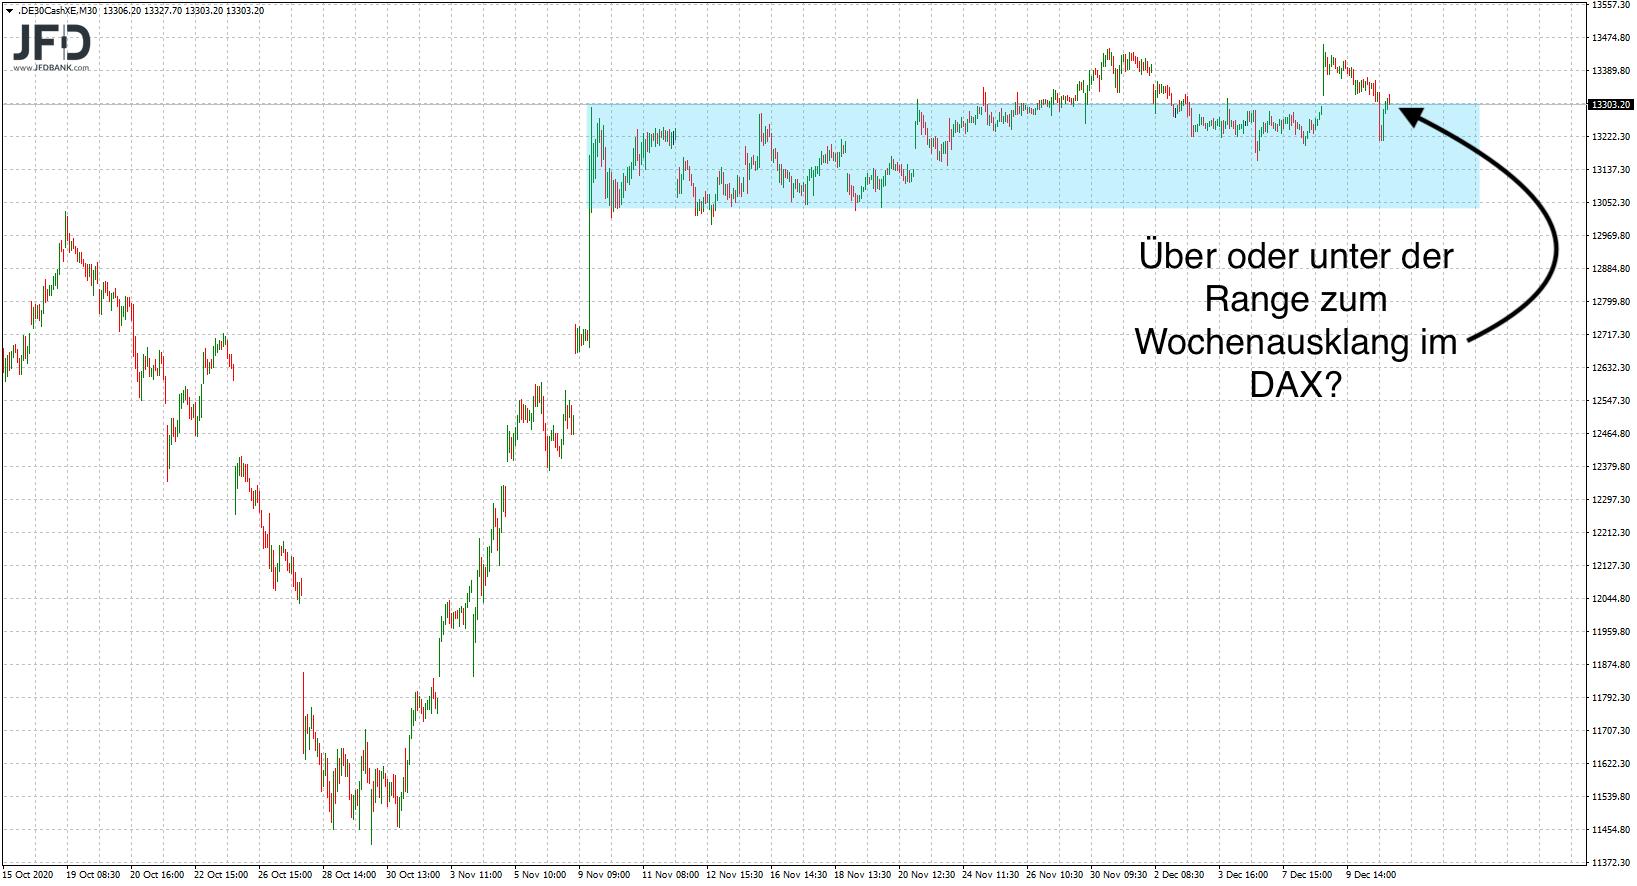 DAX-Ideen-nach-dem-EZB-Tag-Range-weiter-im-Fokus-Kommentar-JFD-Bank-GodmodeTrader.de-2